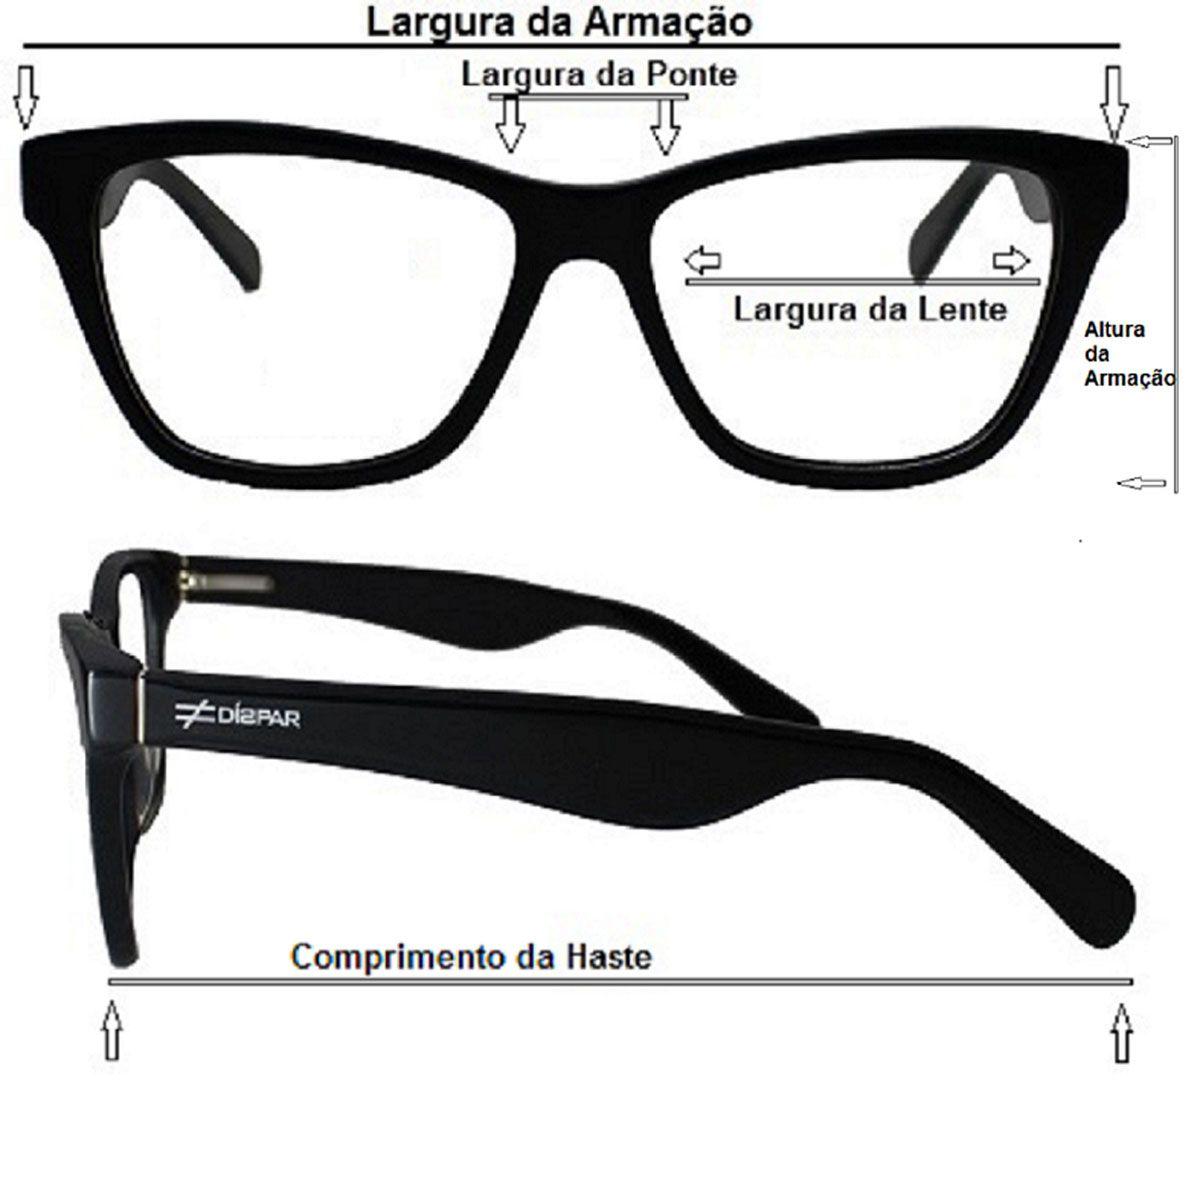 Armação para Óculos Díspar D2249 Clip On 2 Lentes - Preto Fosco